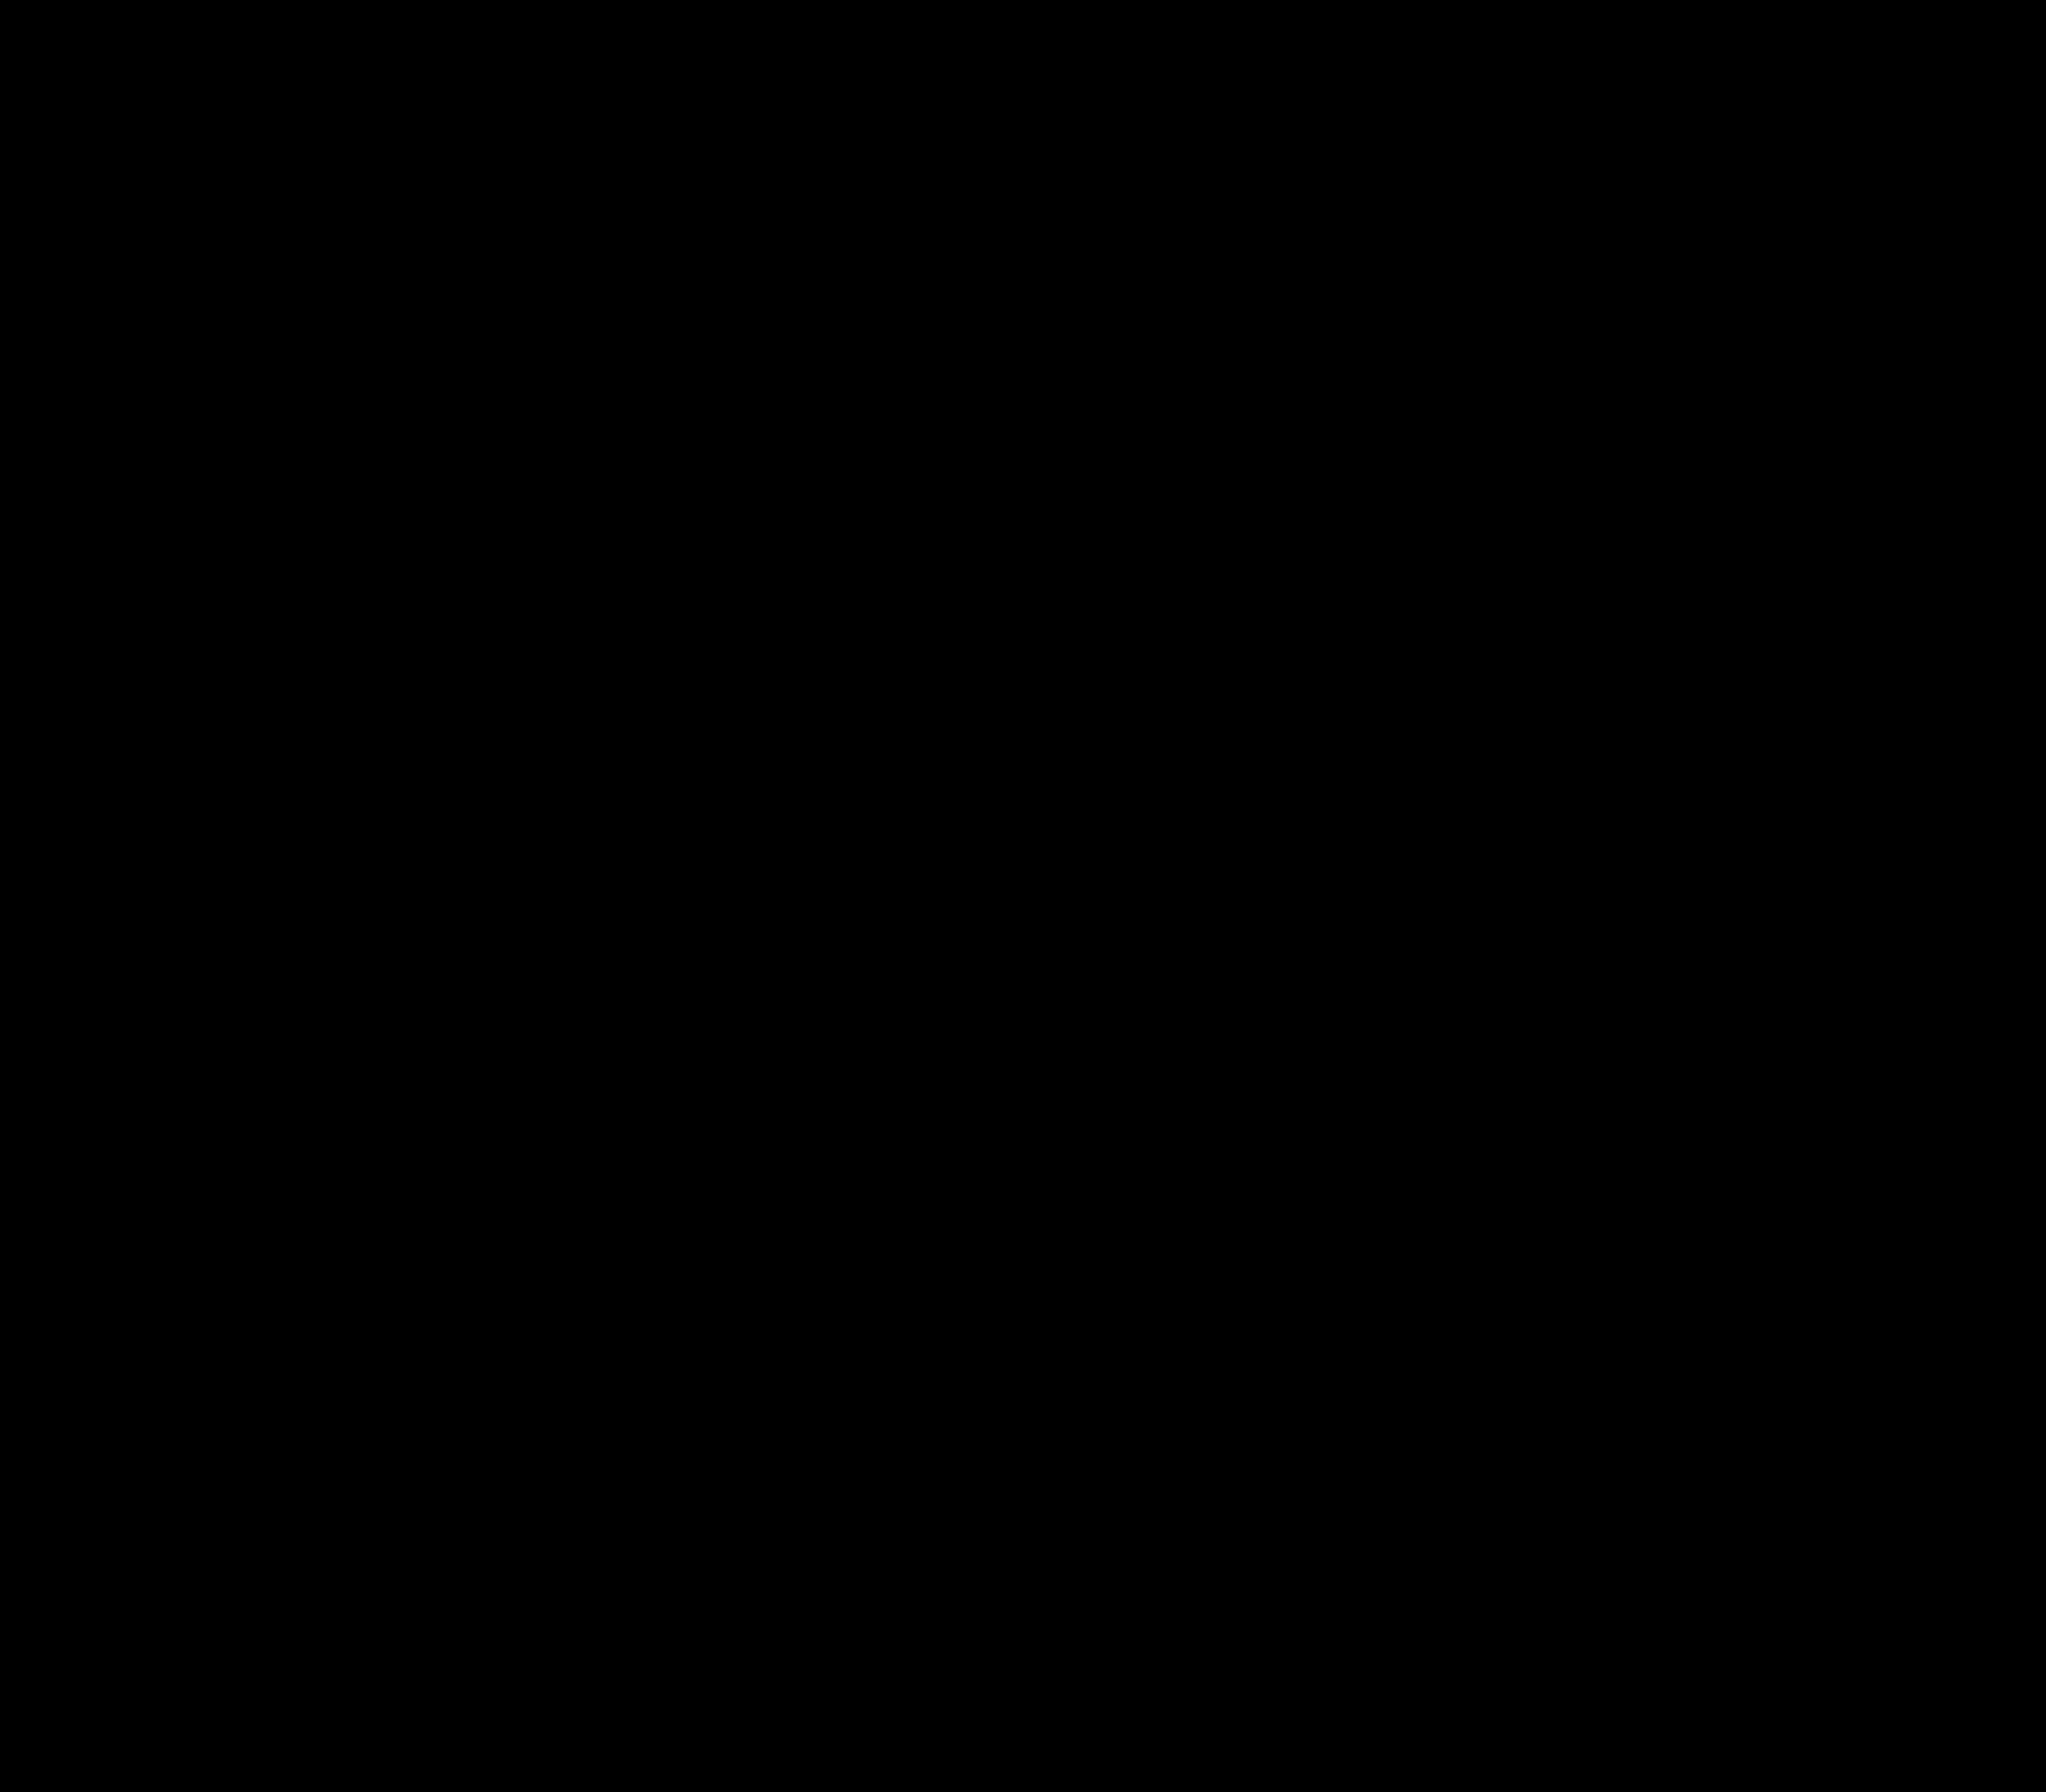 Maroc - Caravansérail de chameaux - Photo © Joseph Miquel 1915-1956